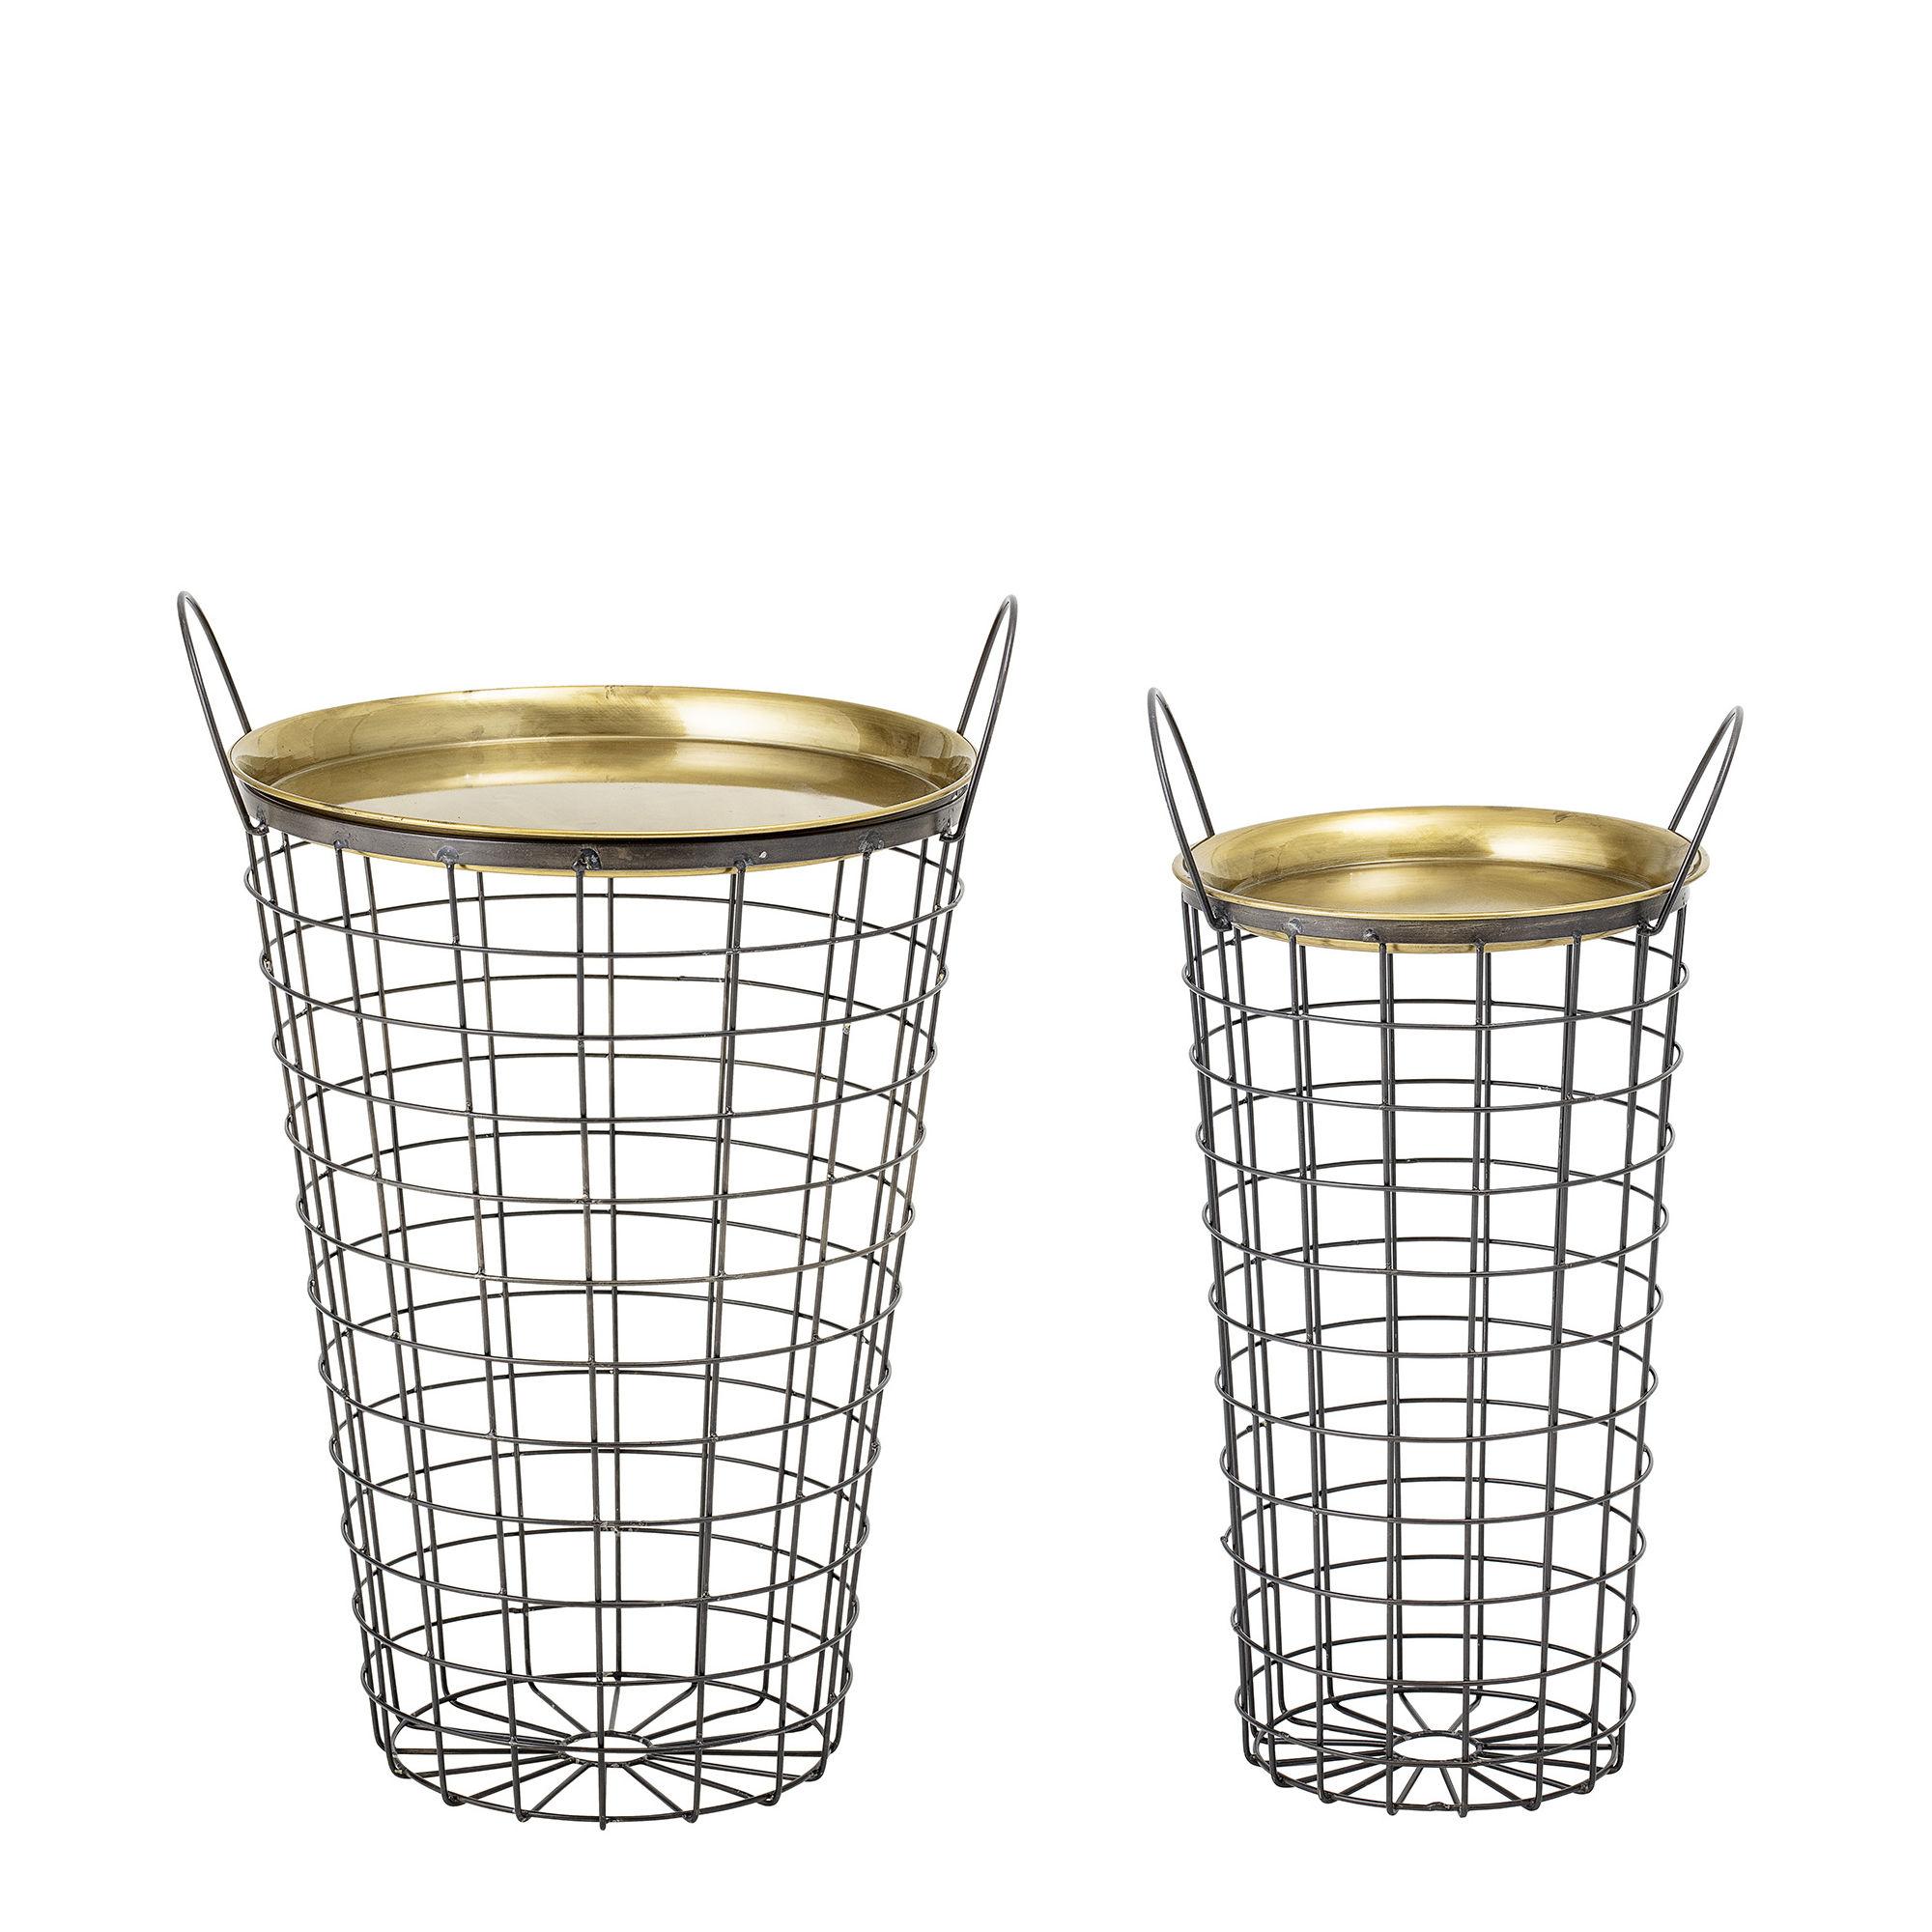 Möbel - Couchtische - Kaia Beistelltisch / Korb - 2er-Set - Ø 25 & 39 cm - Bloomingville - Schwarz & Gold - Metall